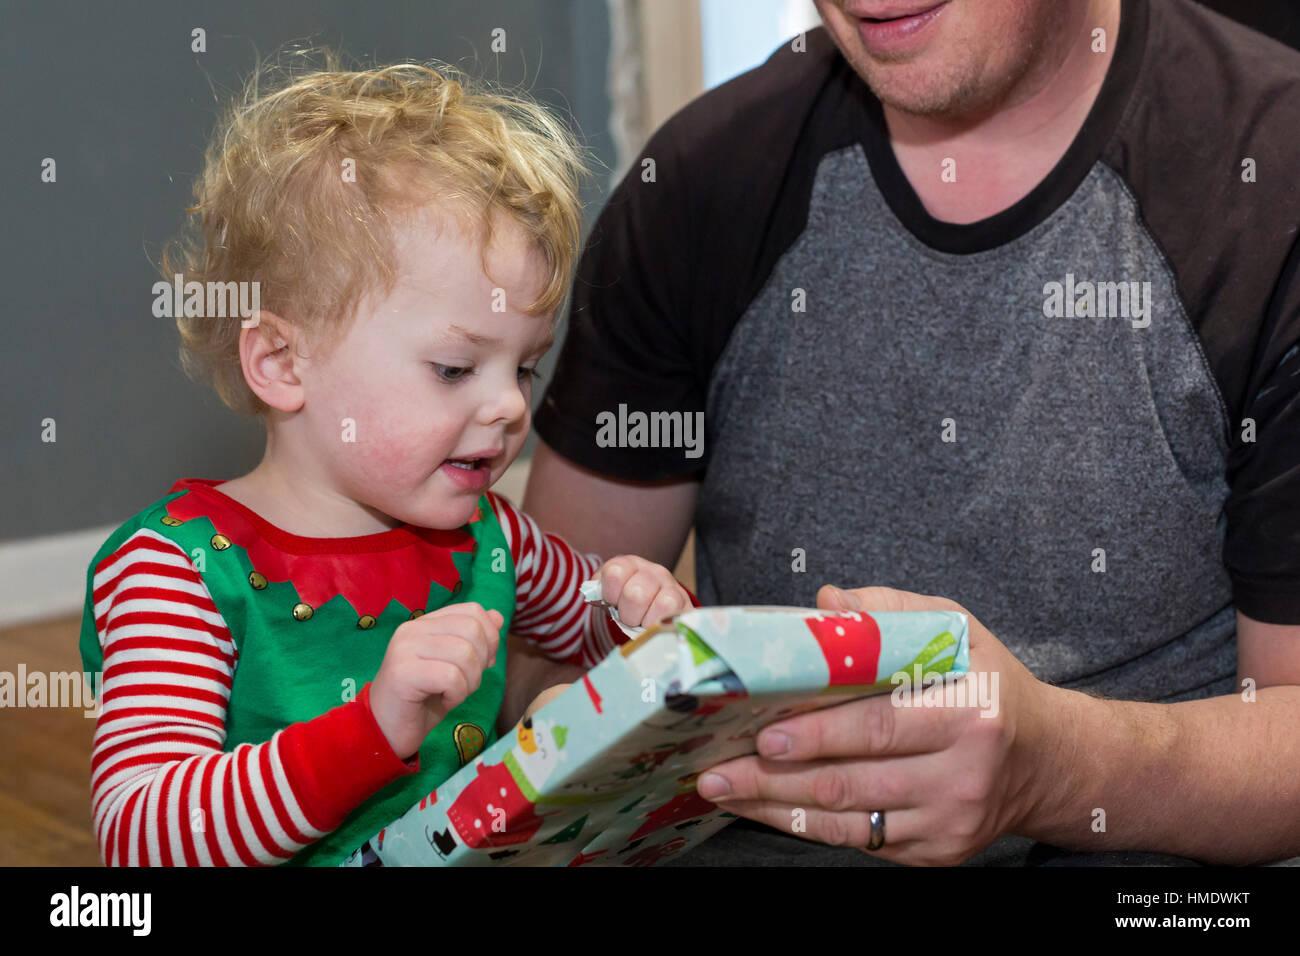 Denver, Colorado - Adam Hjermstad Jr., 2 1/2, ouvre un cadeau de Noël tenu par son père, Adam Hjermstad Photo Stock